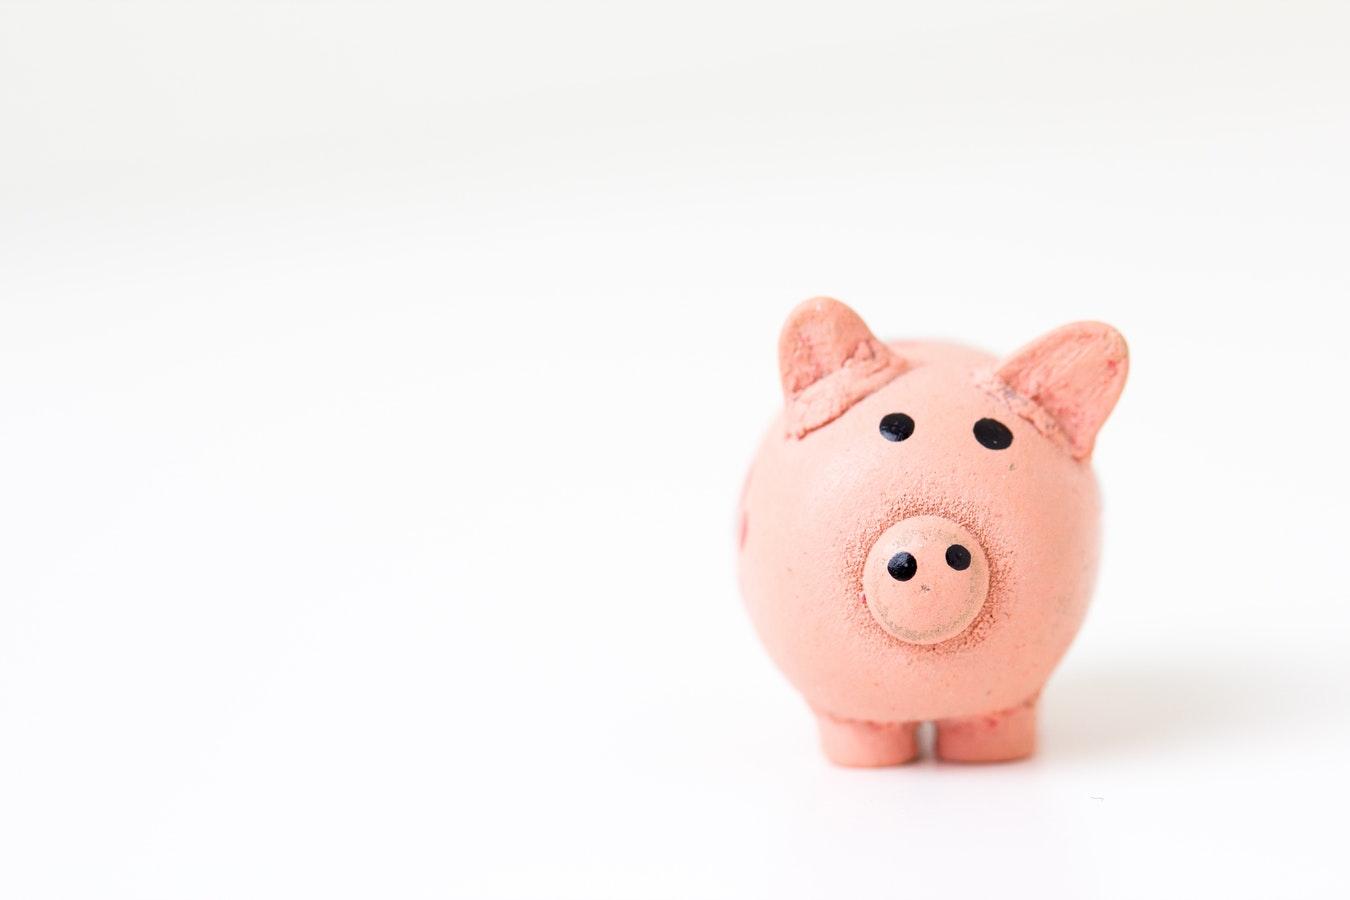 Finanzas Personales: Rentabilidades pasadas no garantizan rendimientos futuros